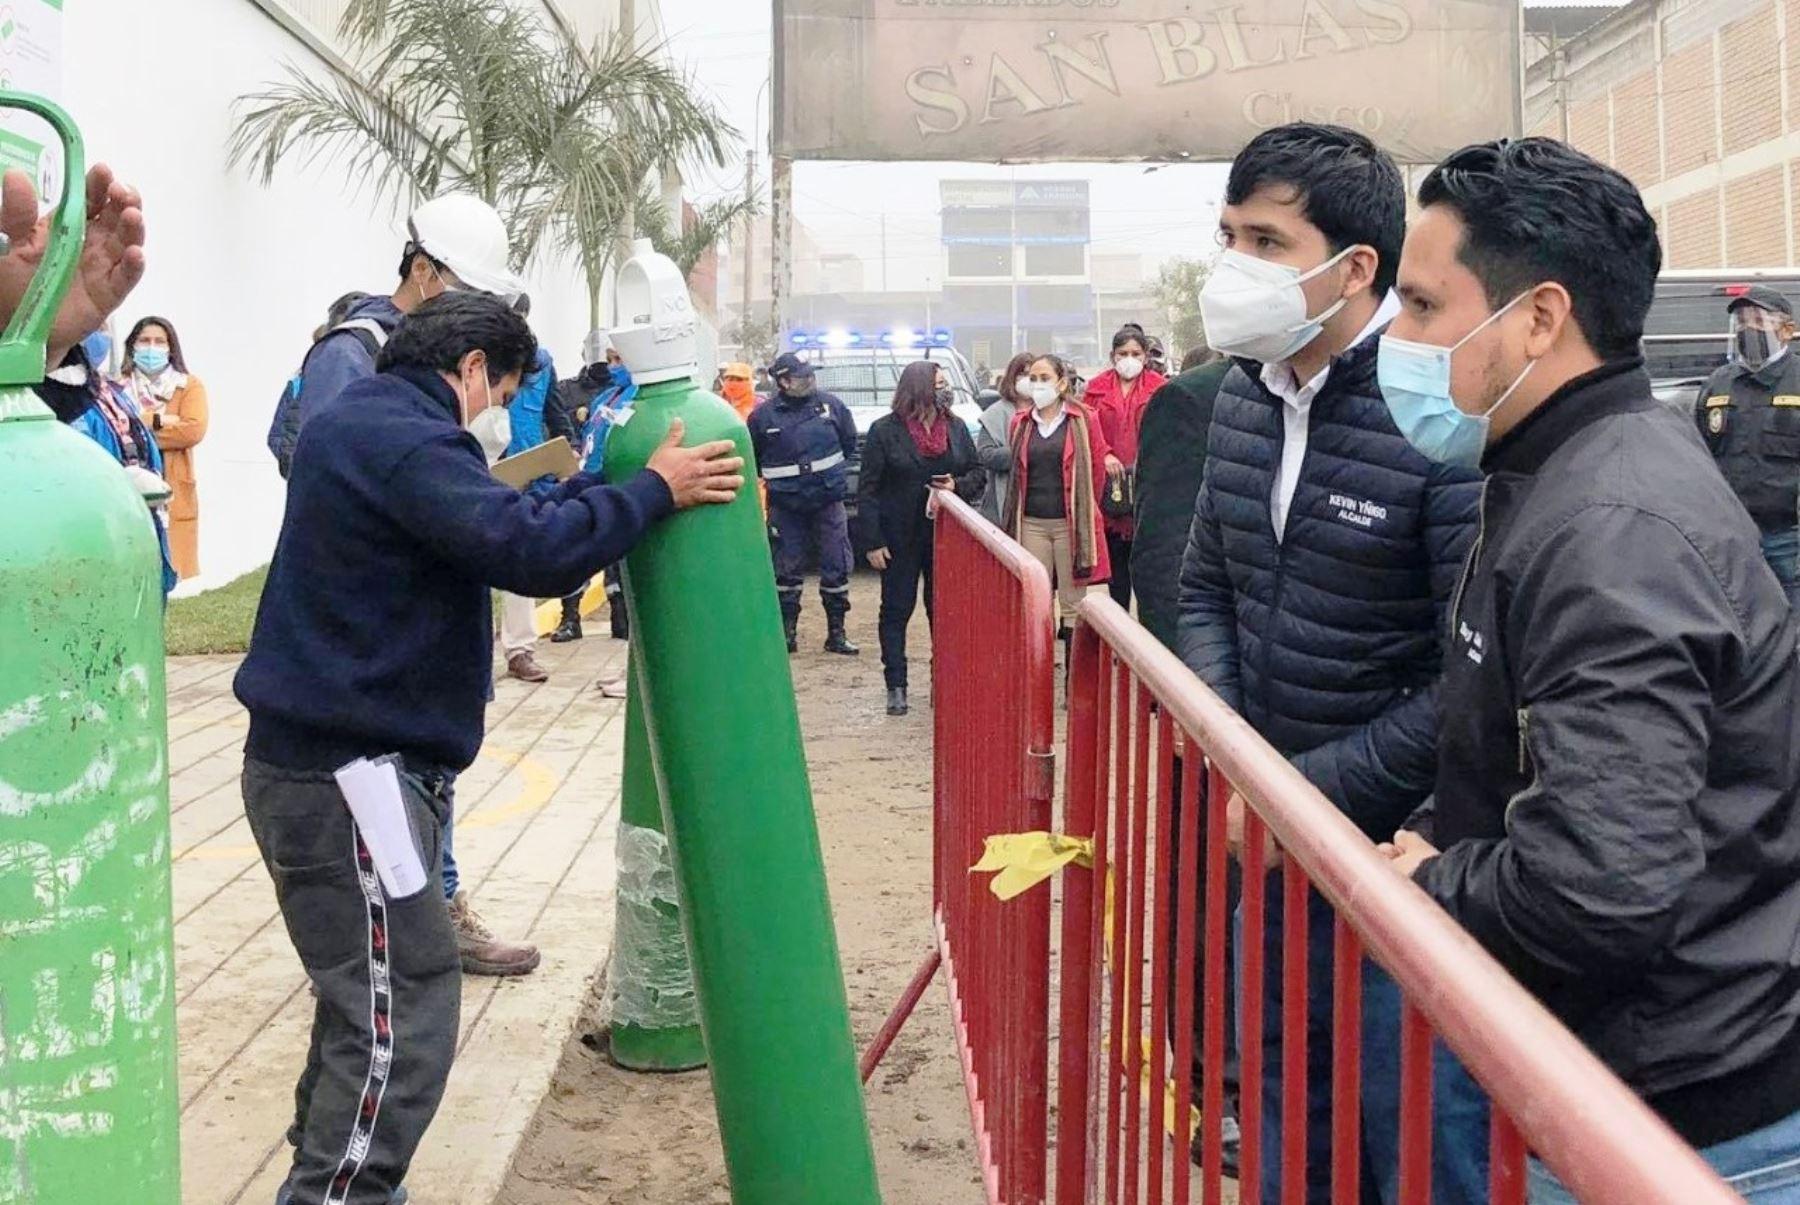 Desde hoy ofrecen oxígeno gratis en Villa El Salvador para pacientes covid-19. Foto: ANDINA/difusión.